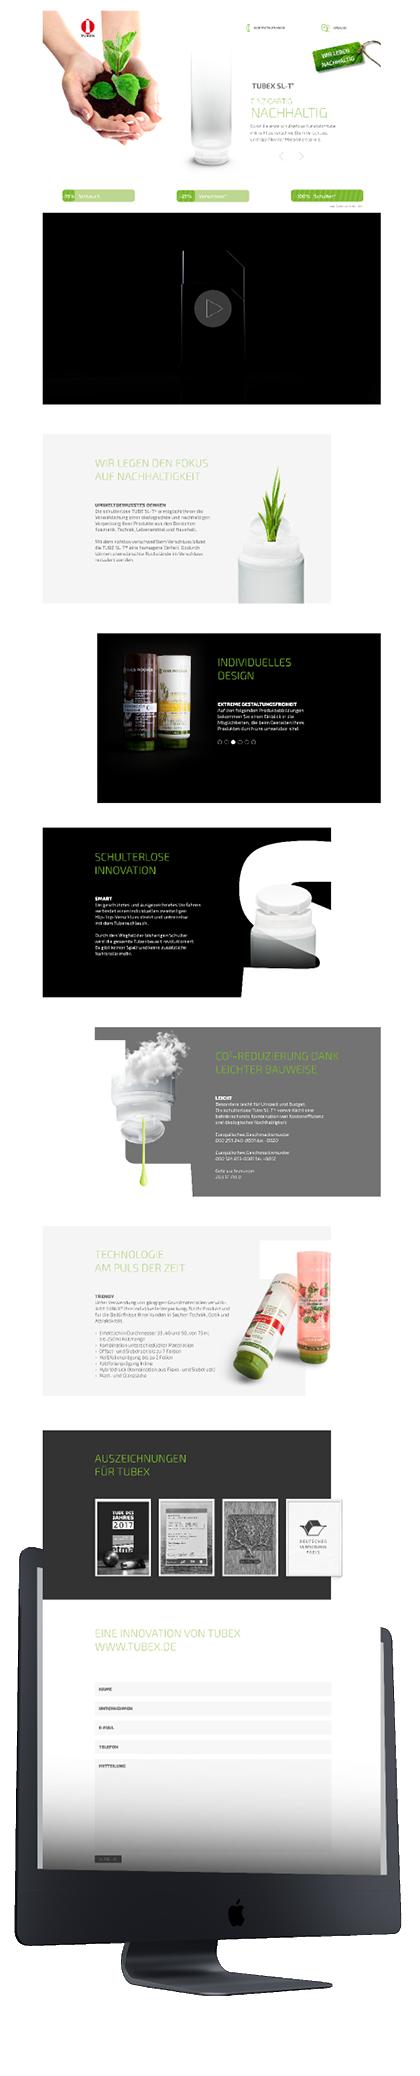 Samt&Seidel_Referenz_TUBEX_Design_03